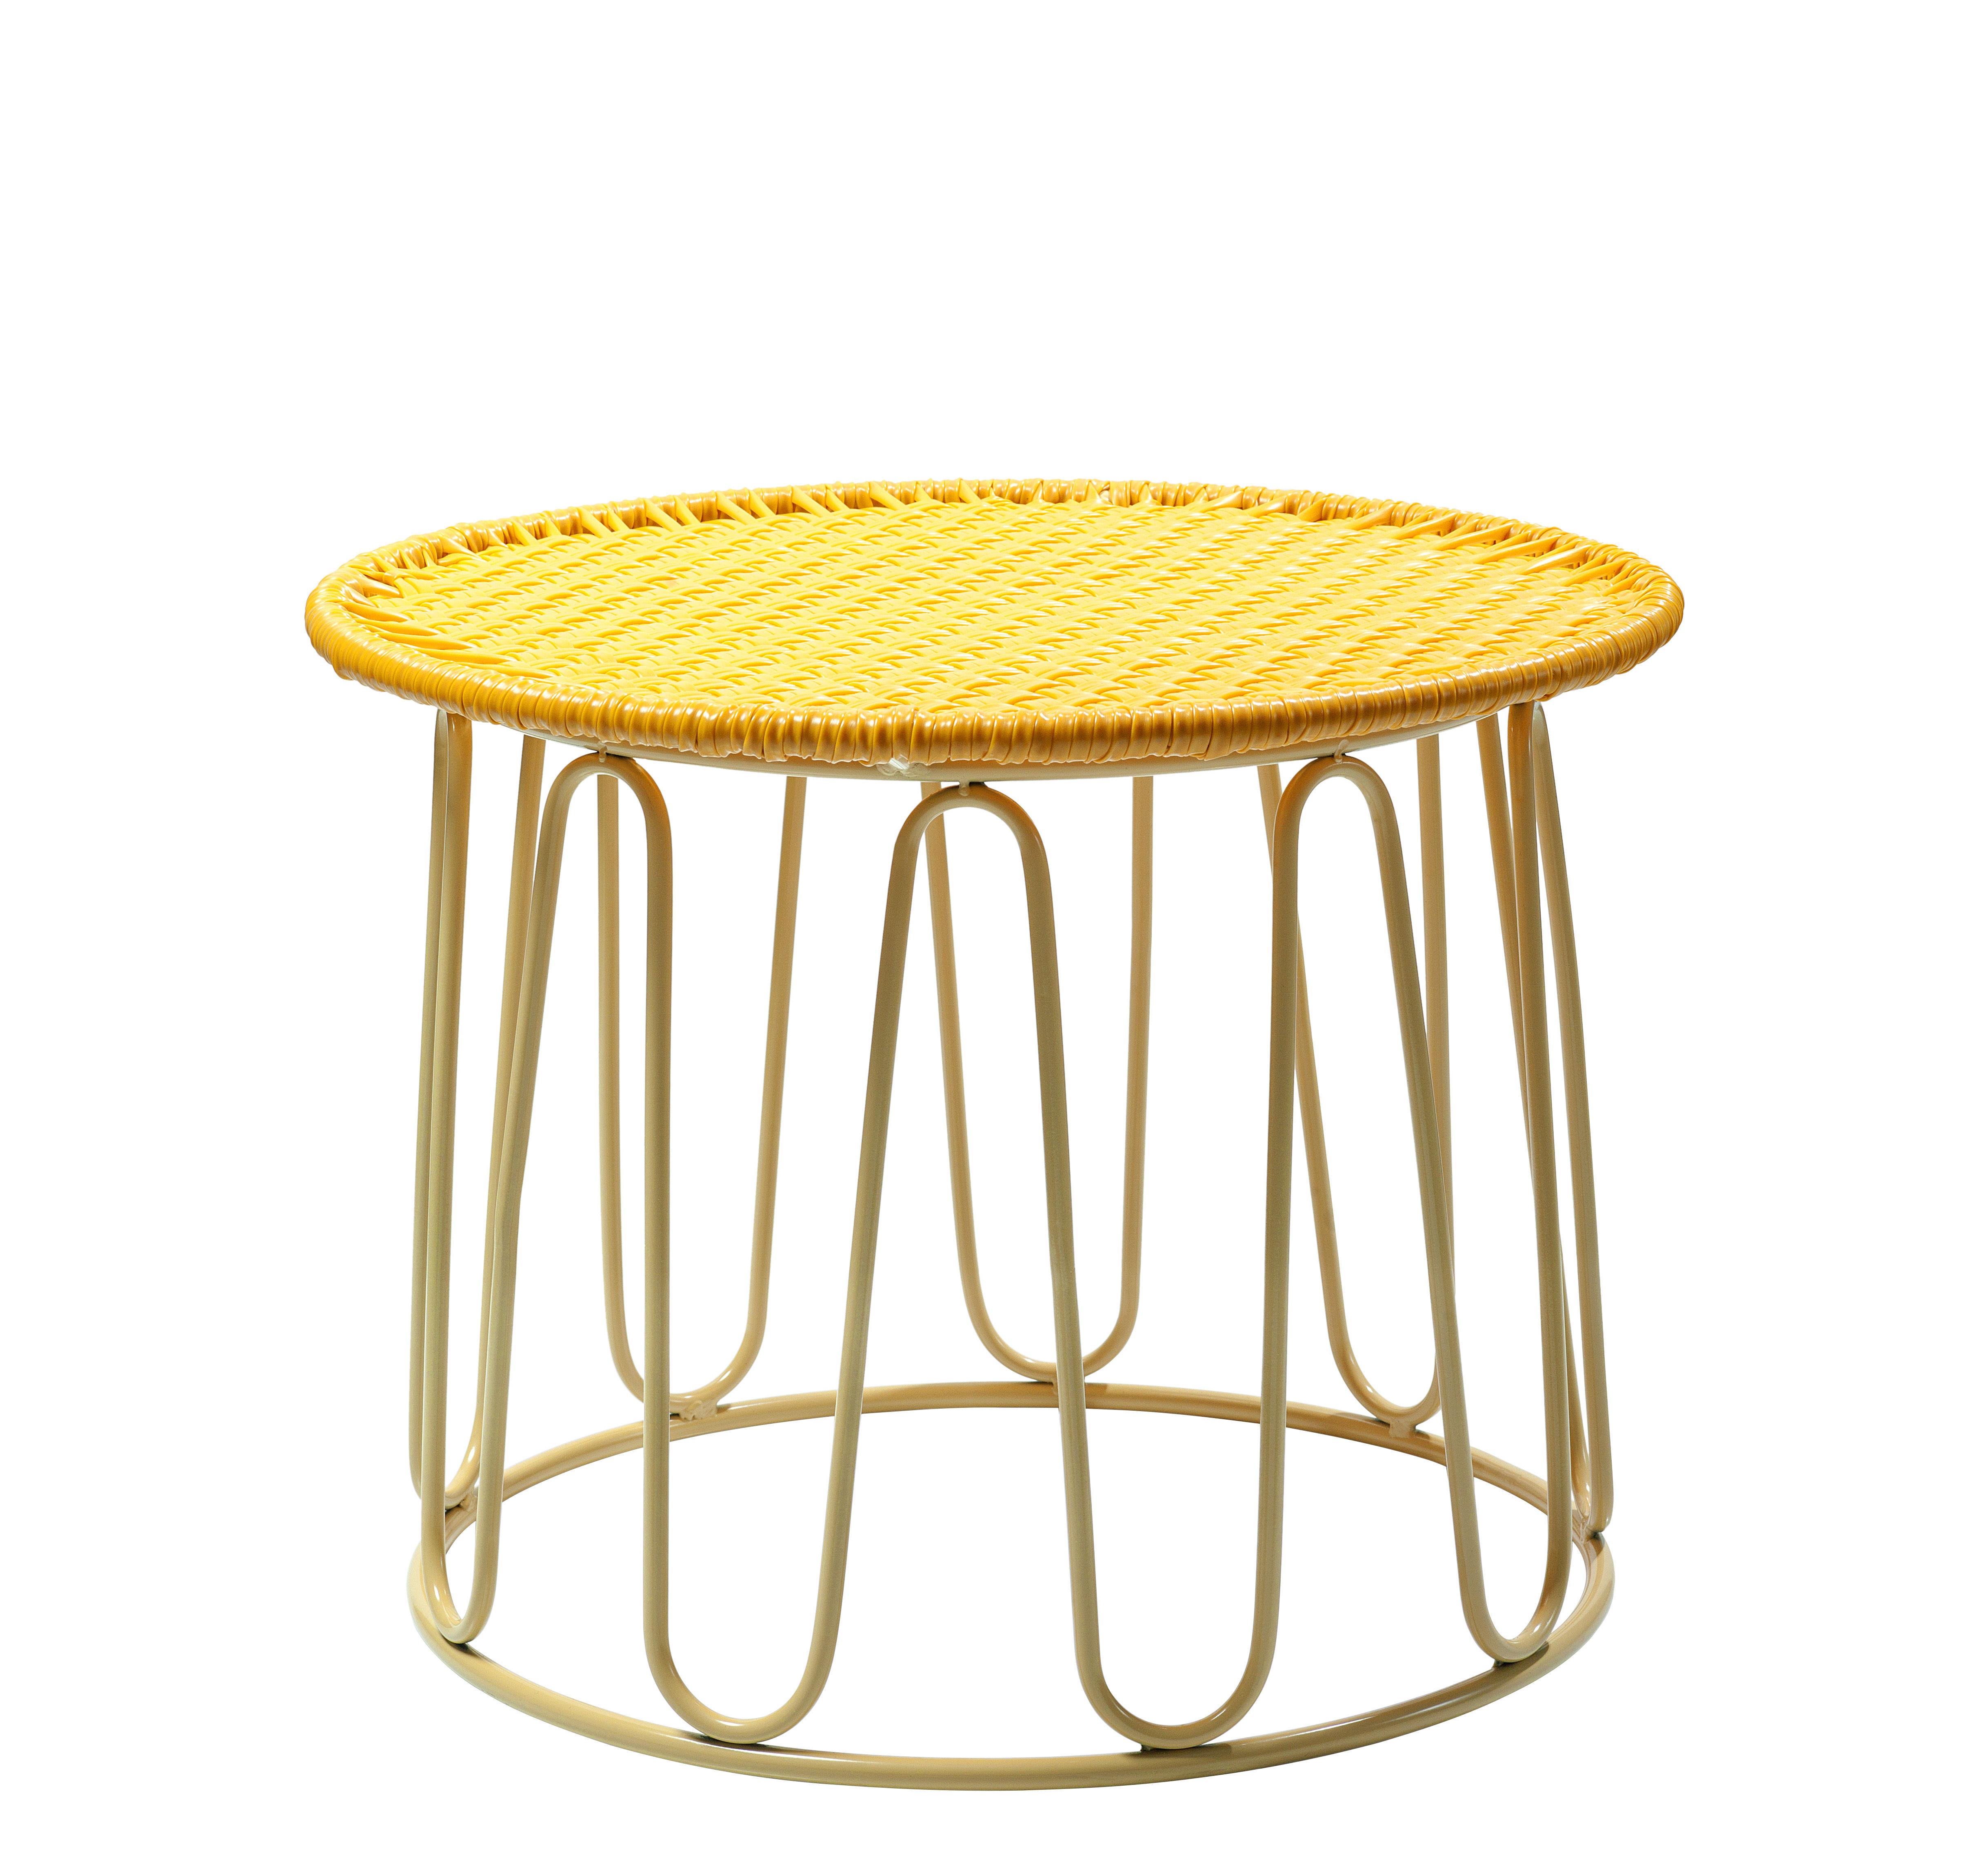 Möbel - Couchtische - Circo Couchtisch / Ø 51 cm x H 42 cm - ames - Gelb / Tischbeine sandfarben - Recycelte Kunststoffdrähte, Thermolackierter verzinkter Stahl